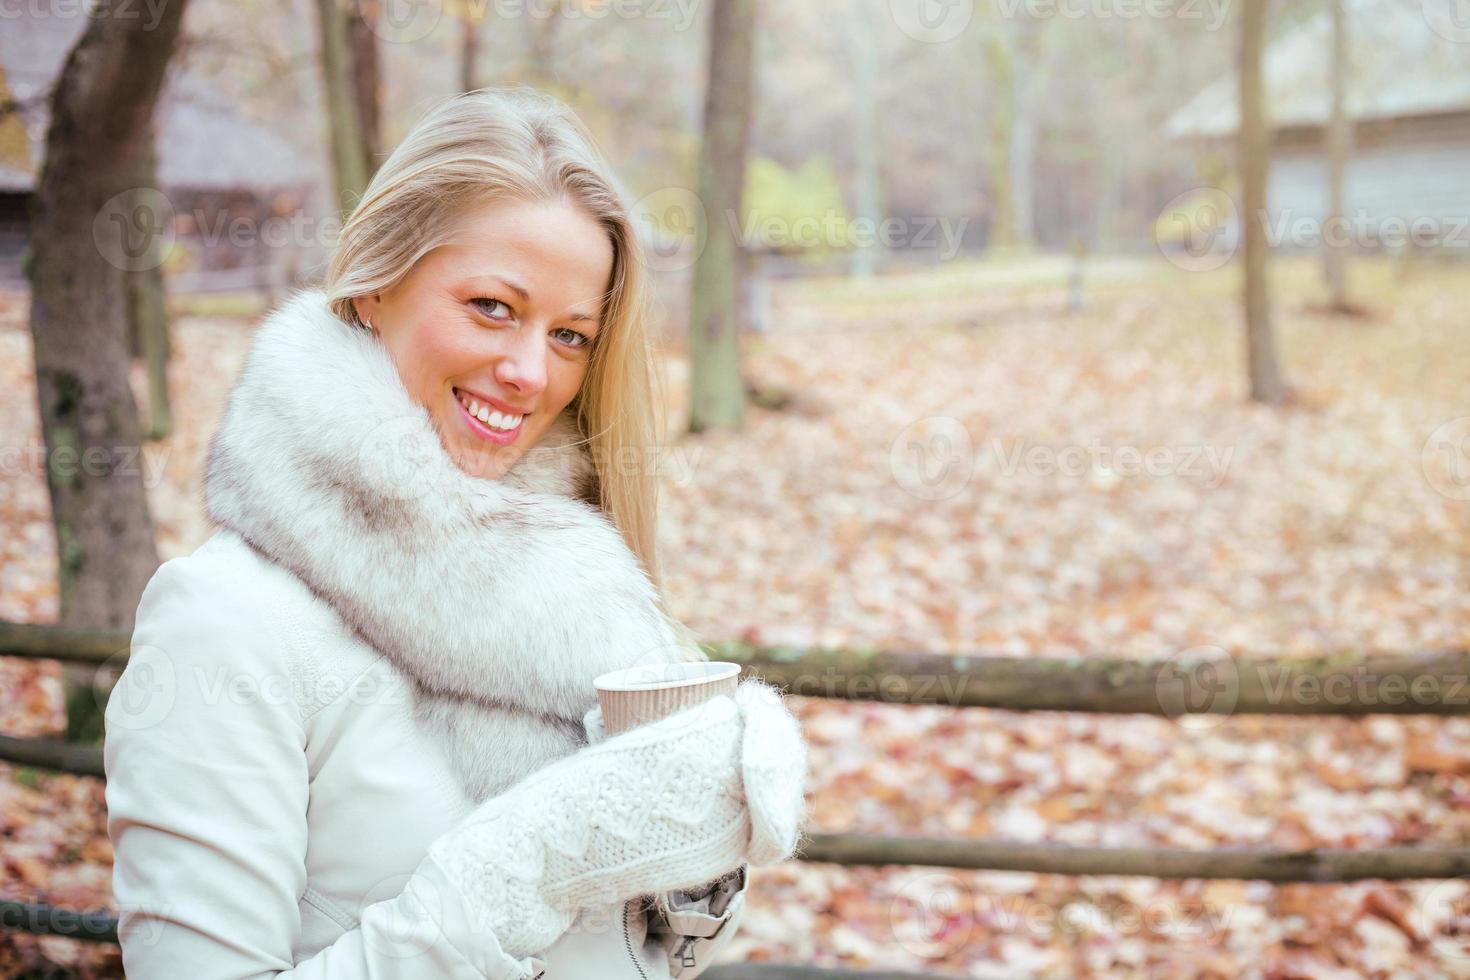 vrouw met handschoenen met koffiekopje foto